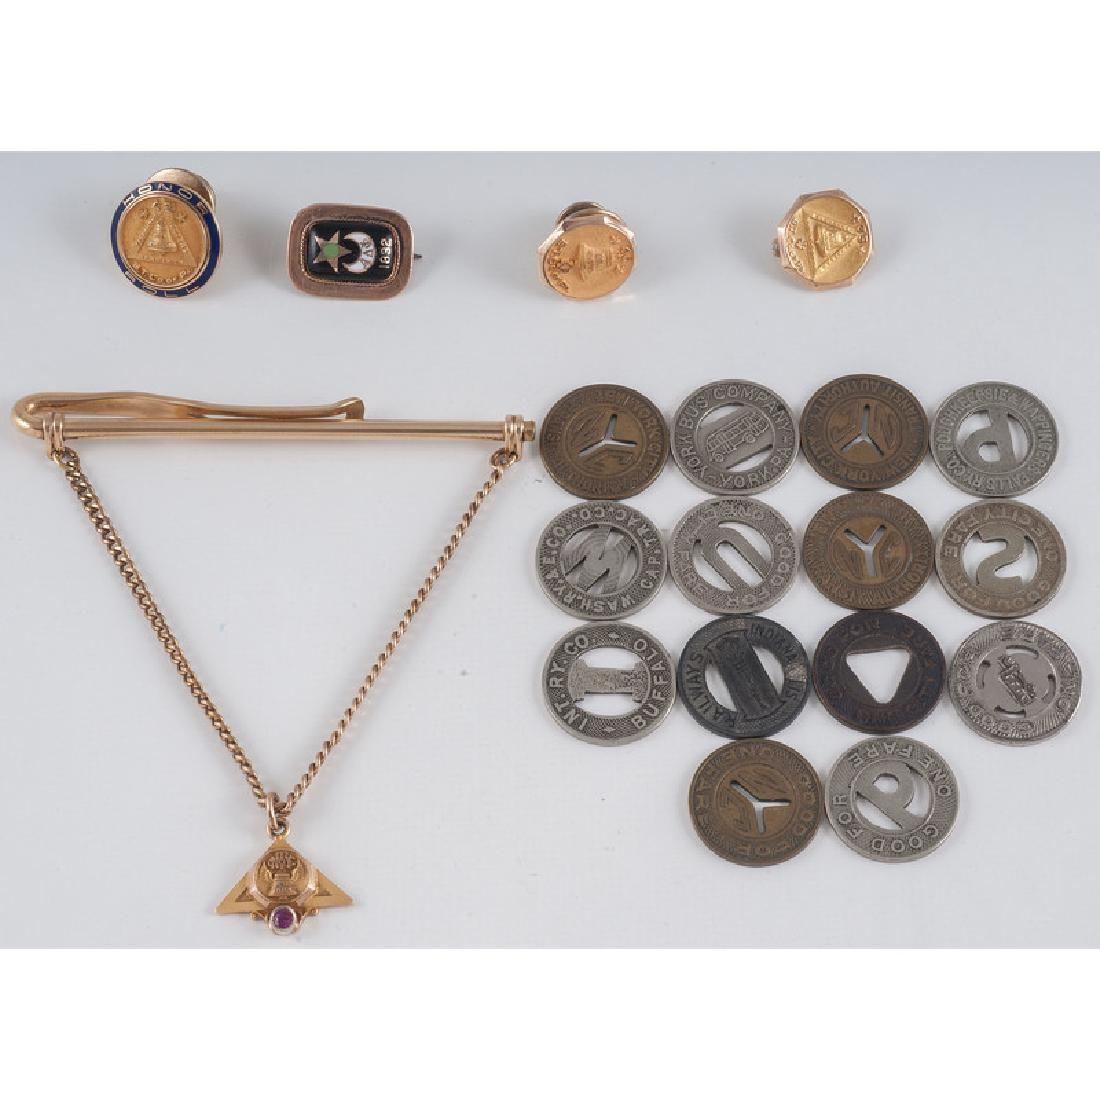 14 Karat Gold Award Pins PLUS 8.6 Dwt.